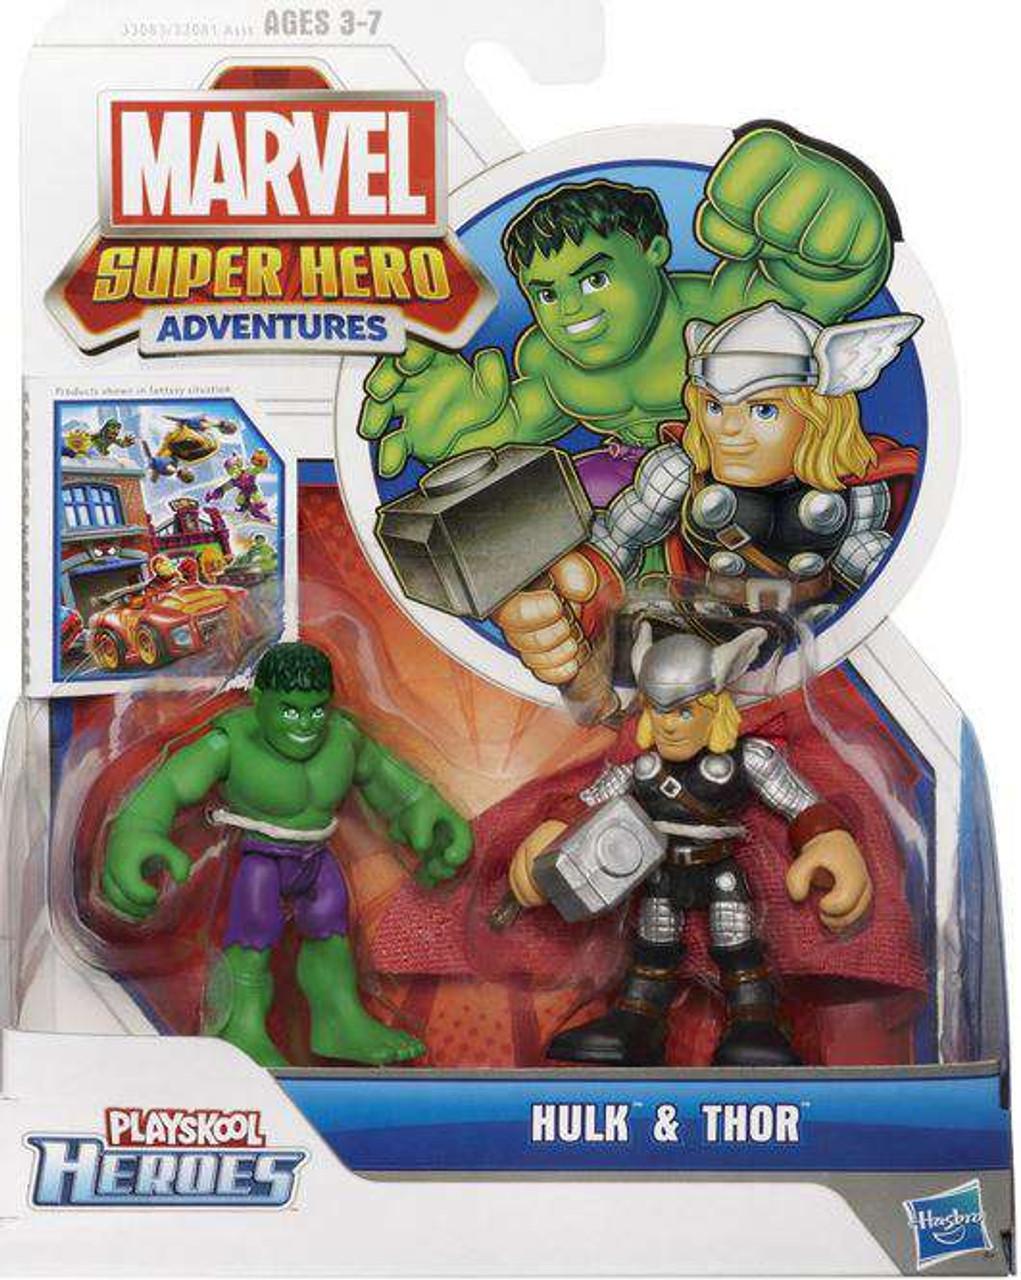 Marvel Playskool Heroes Super Hero Adventures Hulk & Thor Action Figure 2-Pack